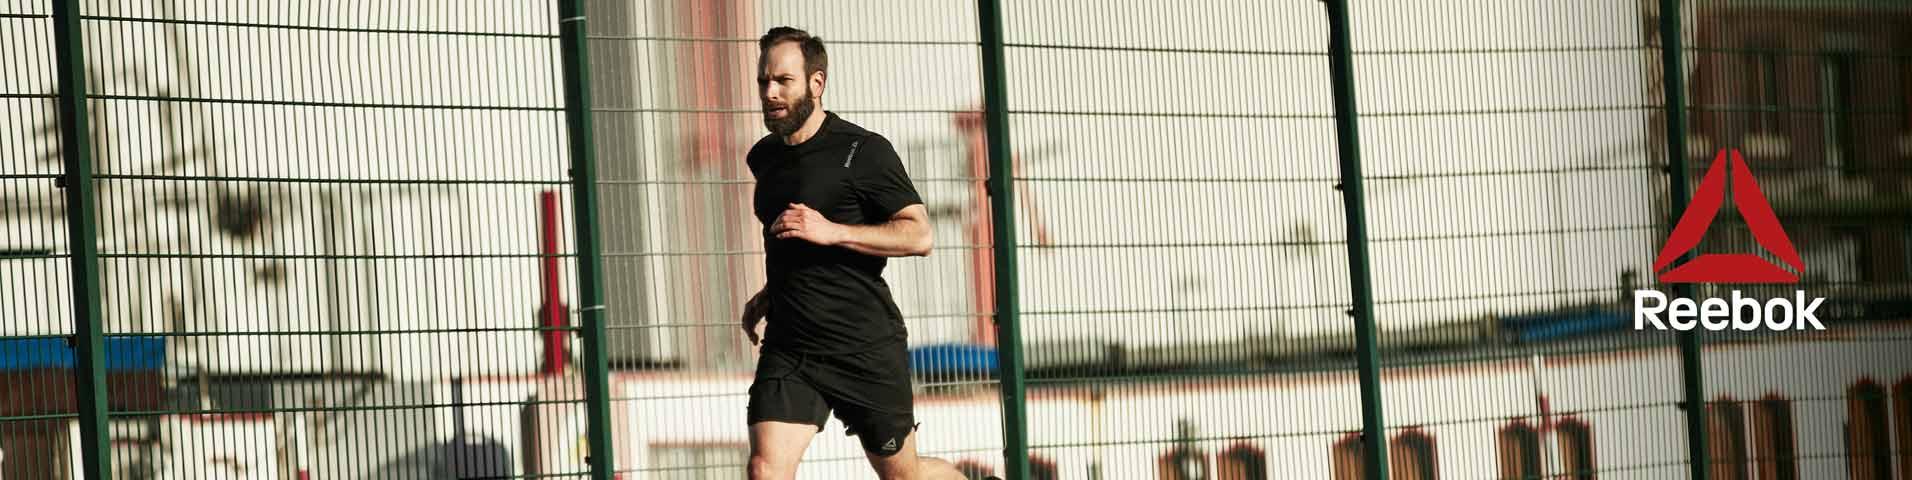 7d5cee99766786 Odzież sportowa męska Reebok -czuj się komfortowo i wyglądaj stylowo ...